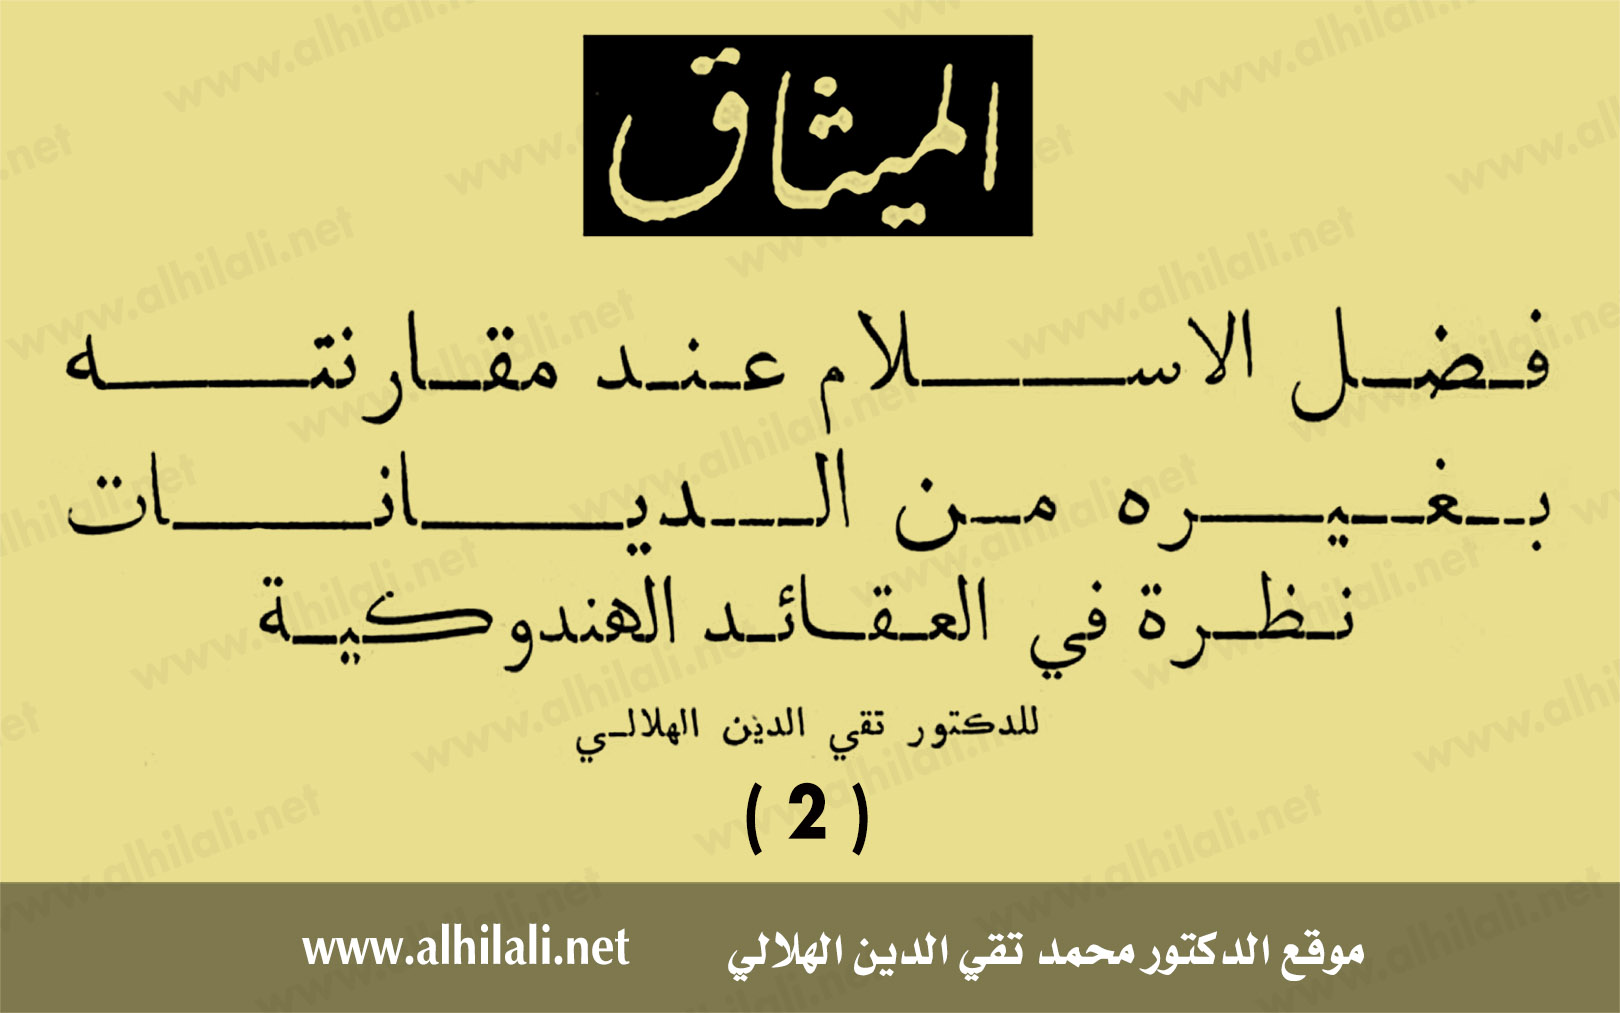 فضل الإسلام عند مقارنته بغيره من الديانات: نظرة في العقائد الهندوكية 2